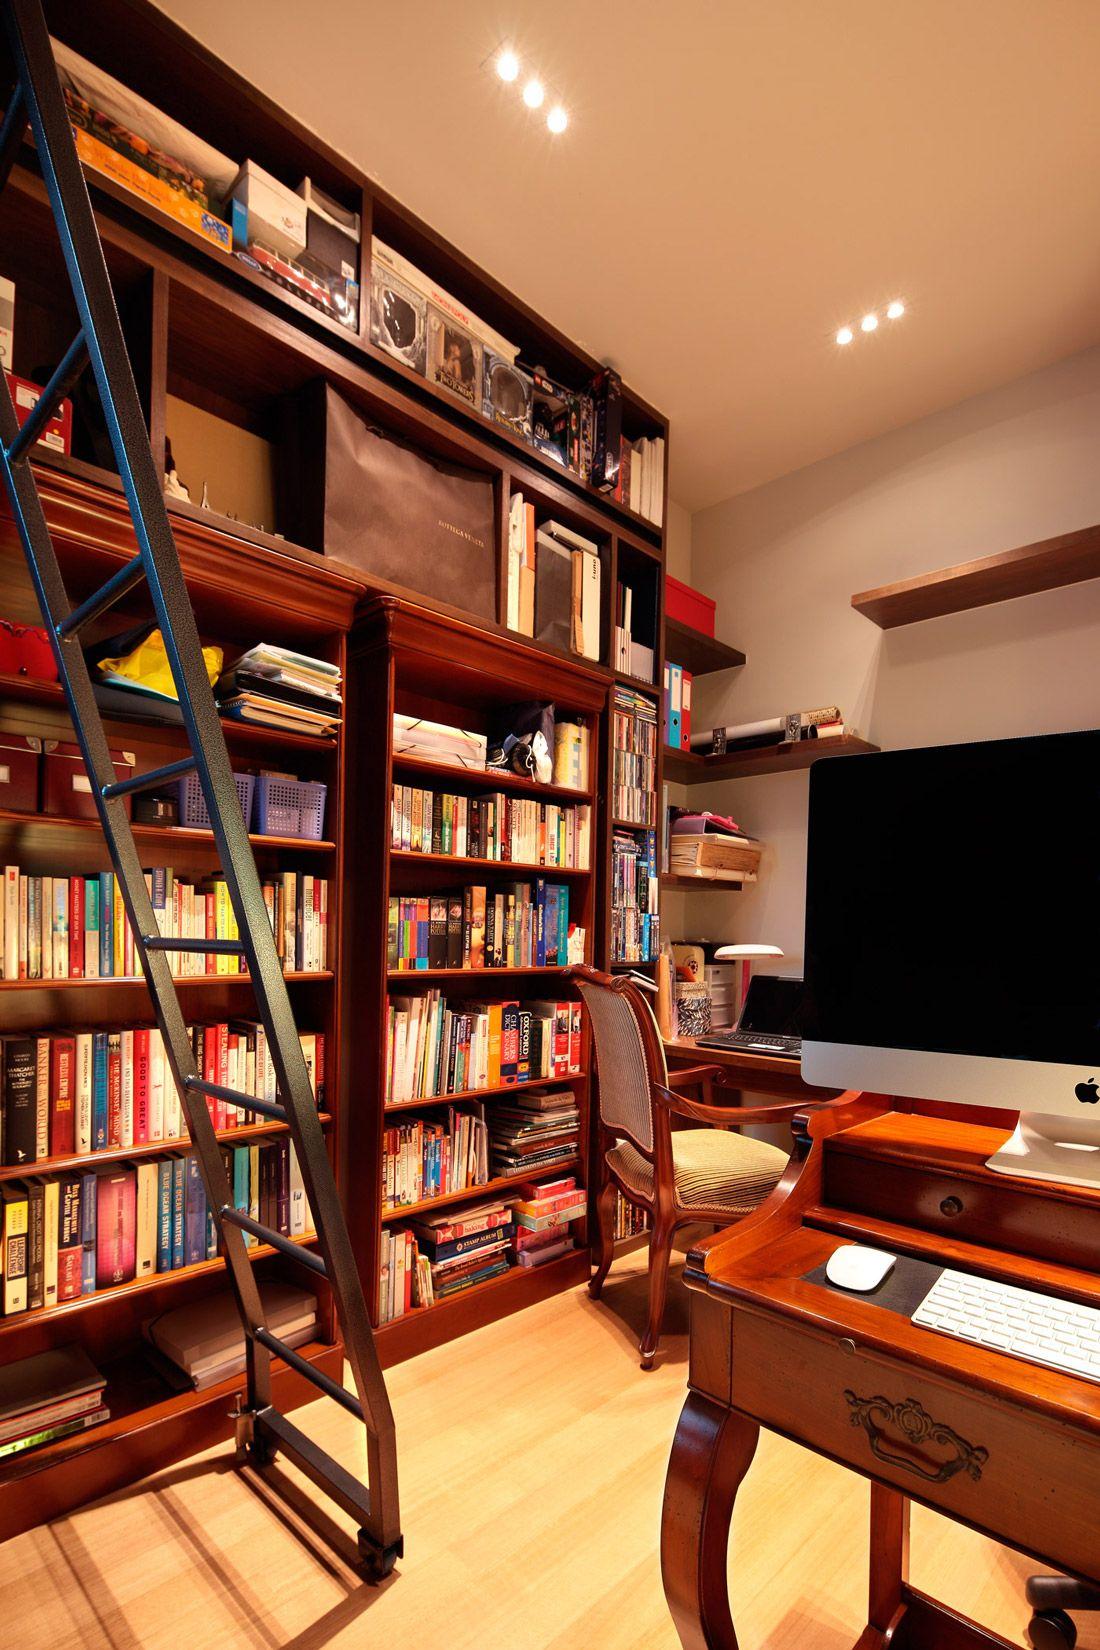 Condominium Study Room: Parvis Condo - 12 Holland Hill